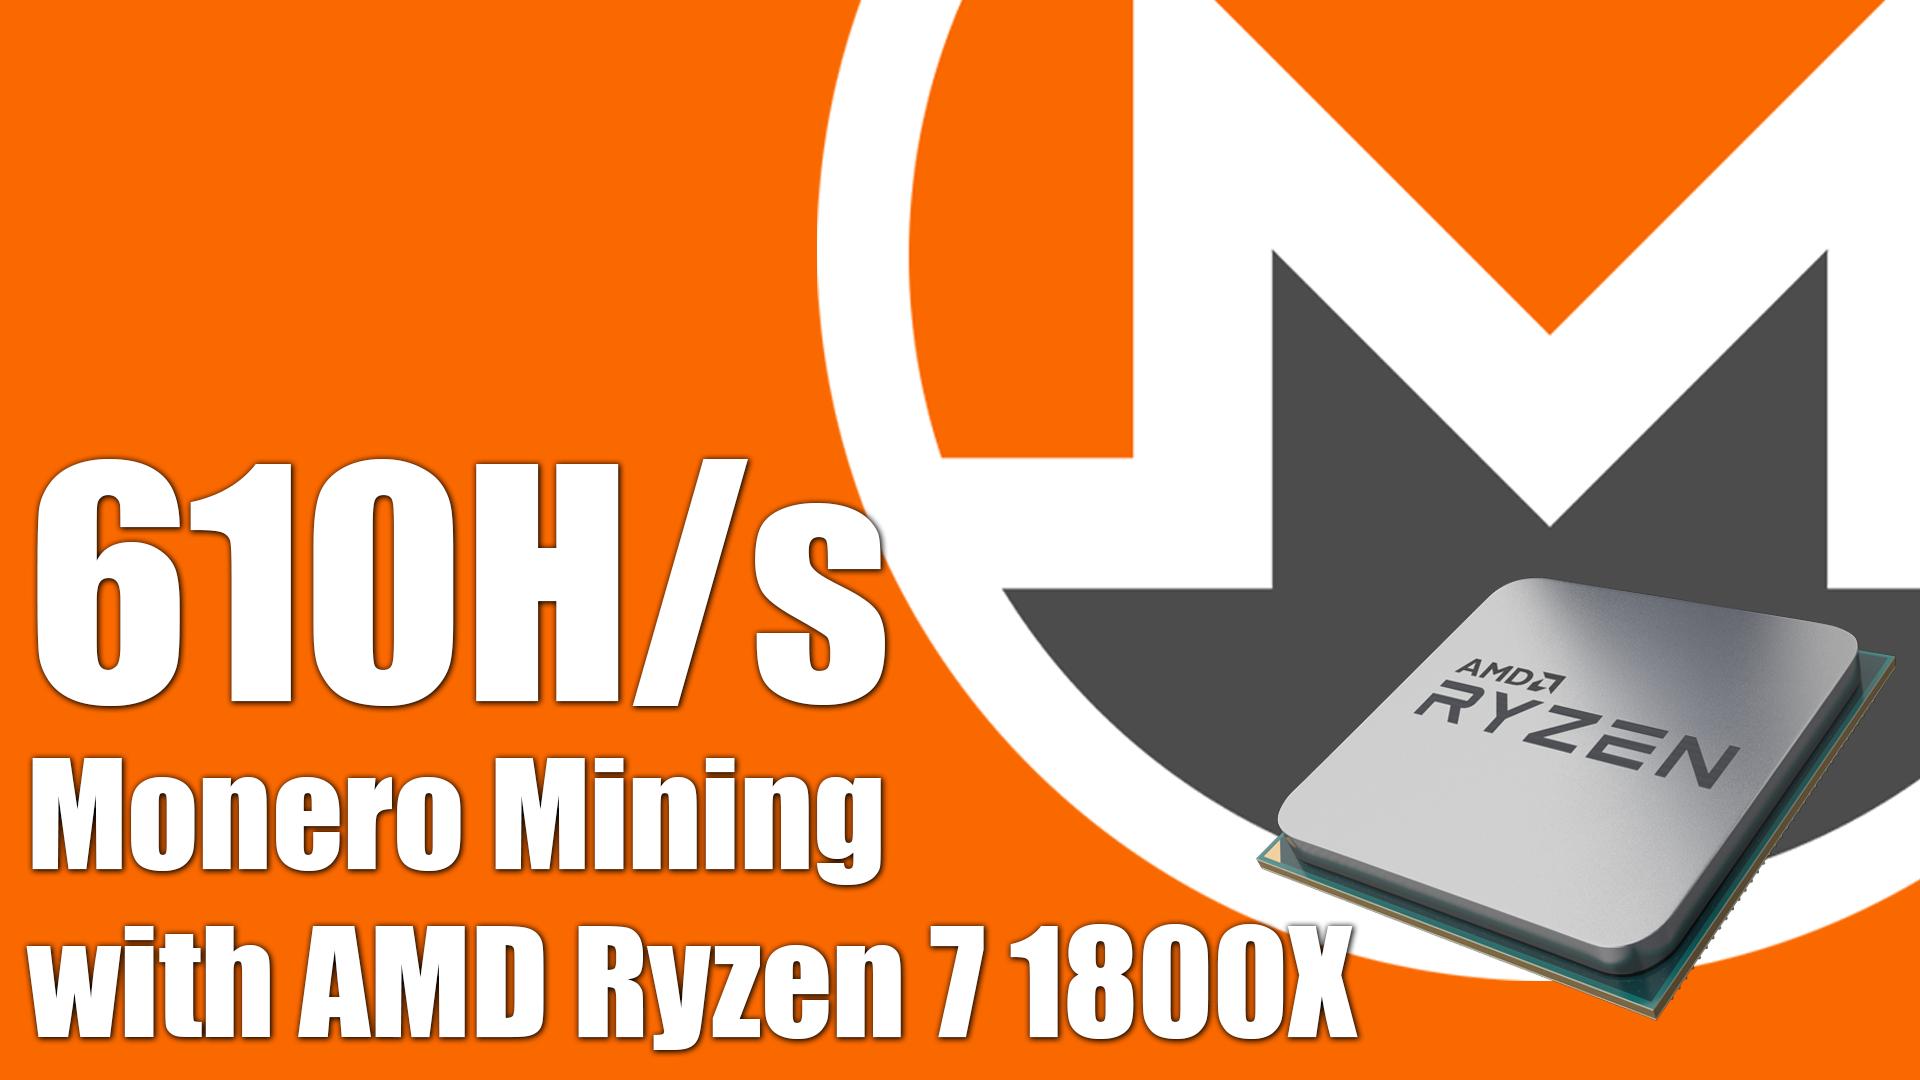 610H/s Monero Mining with AMD Ryzen 7 1800X - Cointalk 5